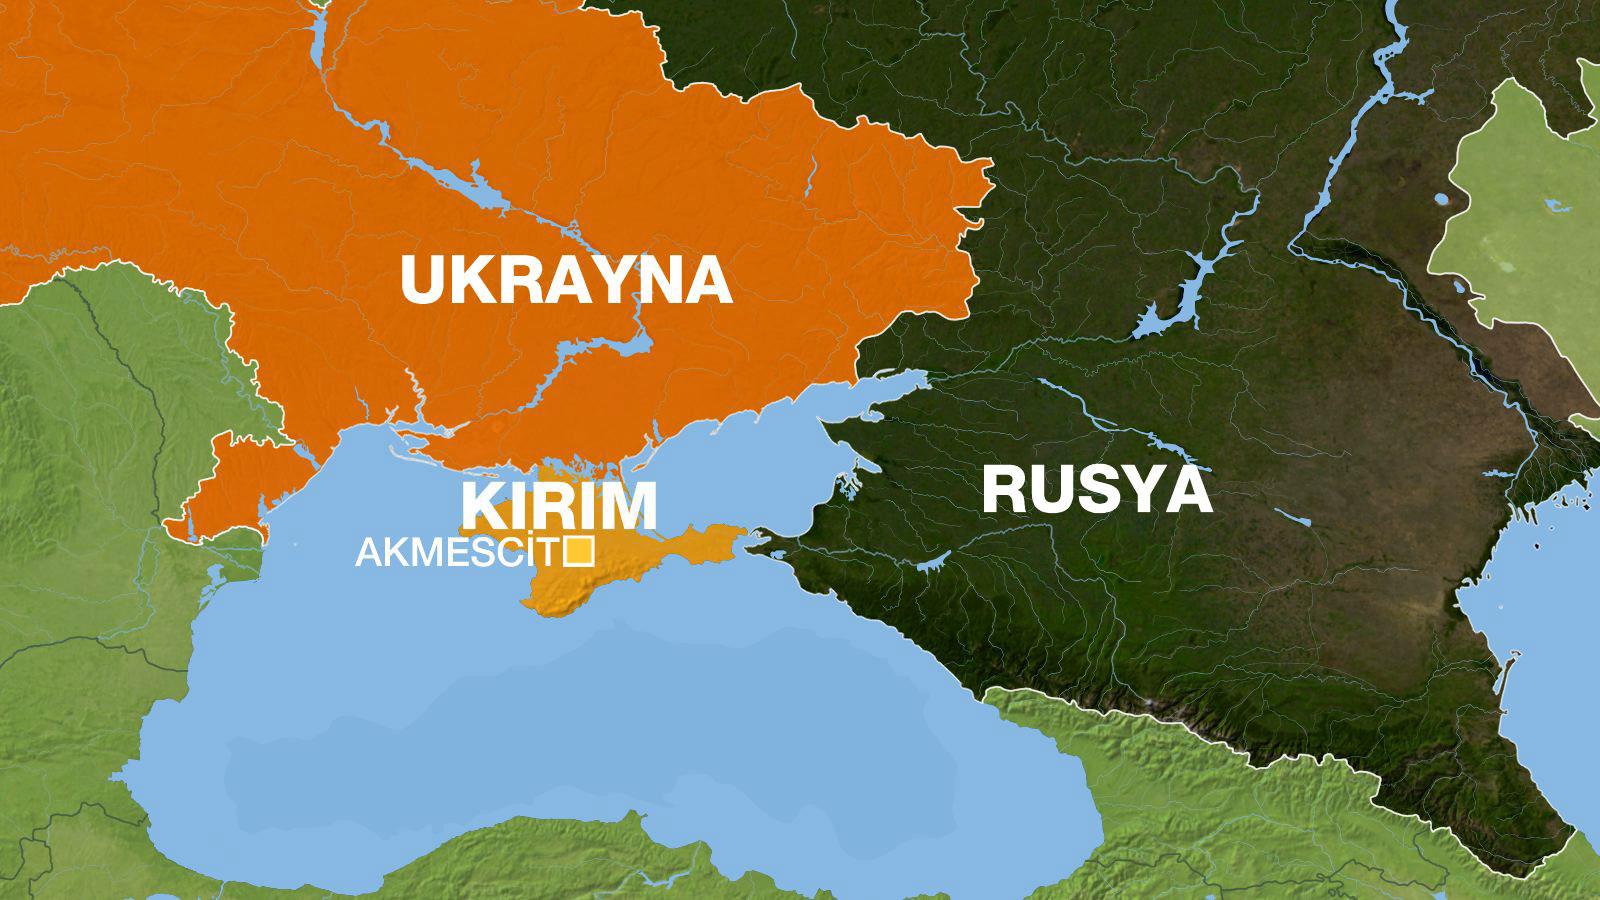 Ukrayna'dan Rusya'ya transit uçuş yasağı!